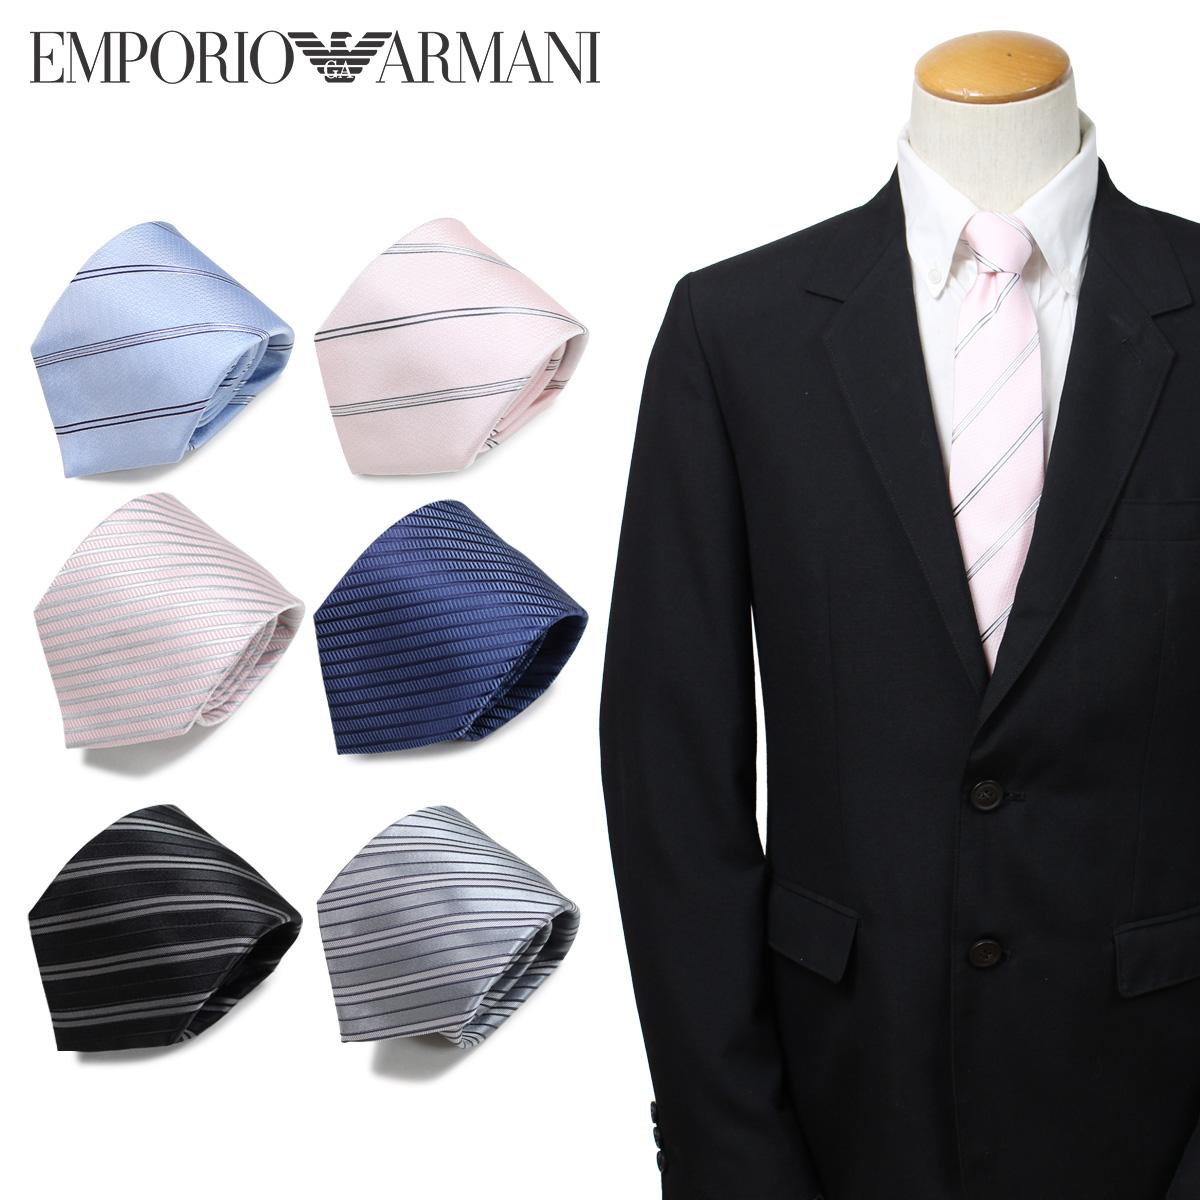 エンポリオ アルマーニ EMPORIO ARMANI ネクタイ メンズ イタリア製 シルク ビジネス 結婚式